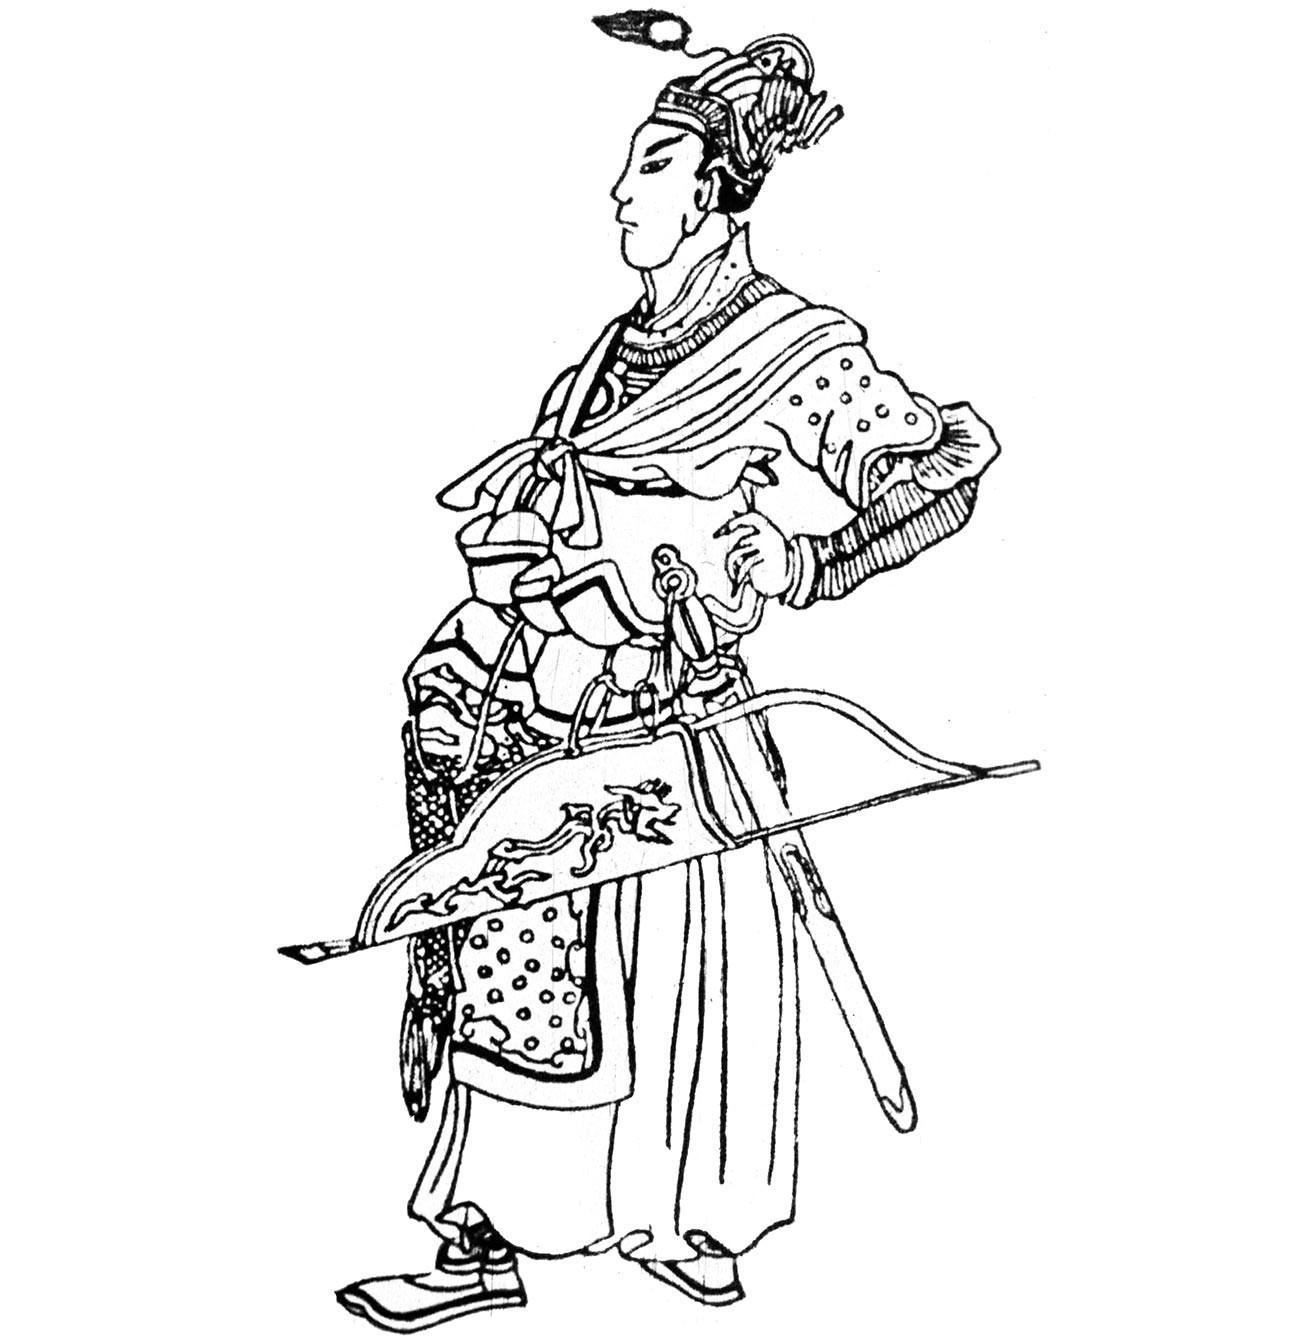 Batu Cã em gravura chinesa da Idade Média.